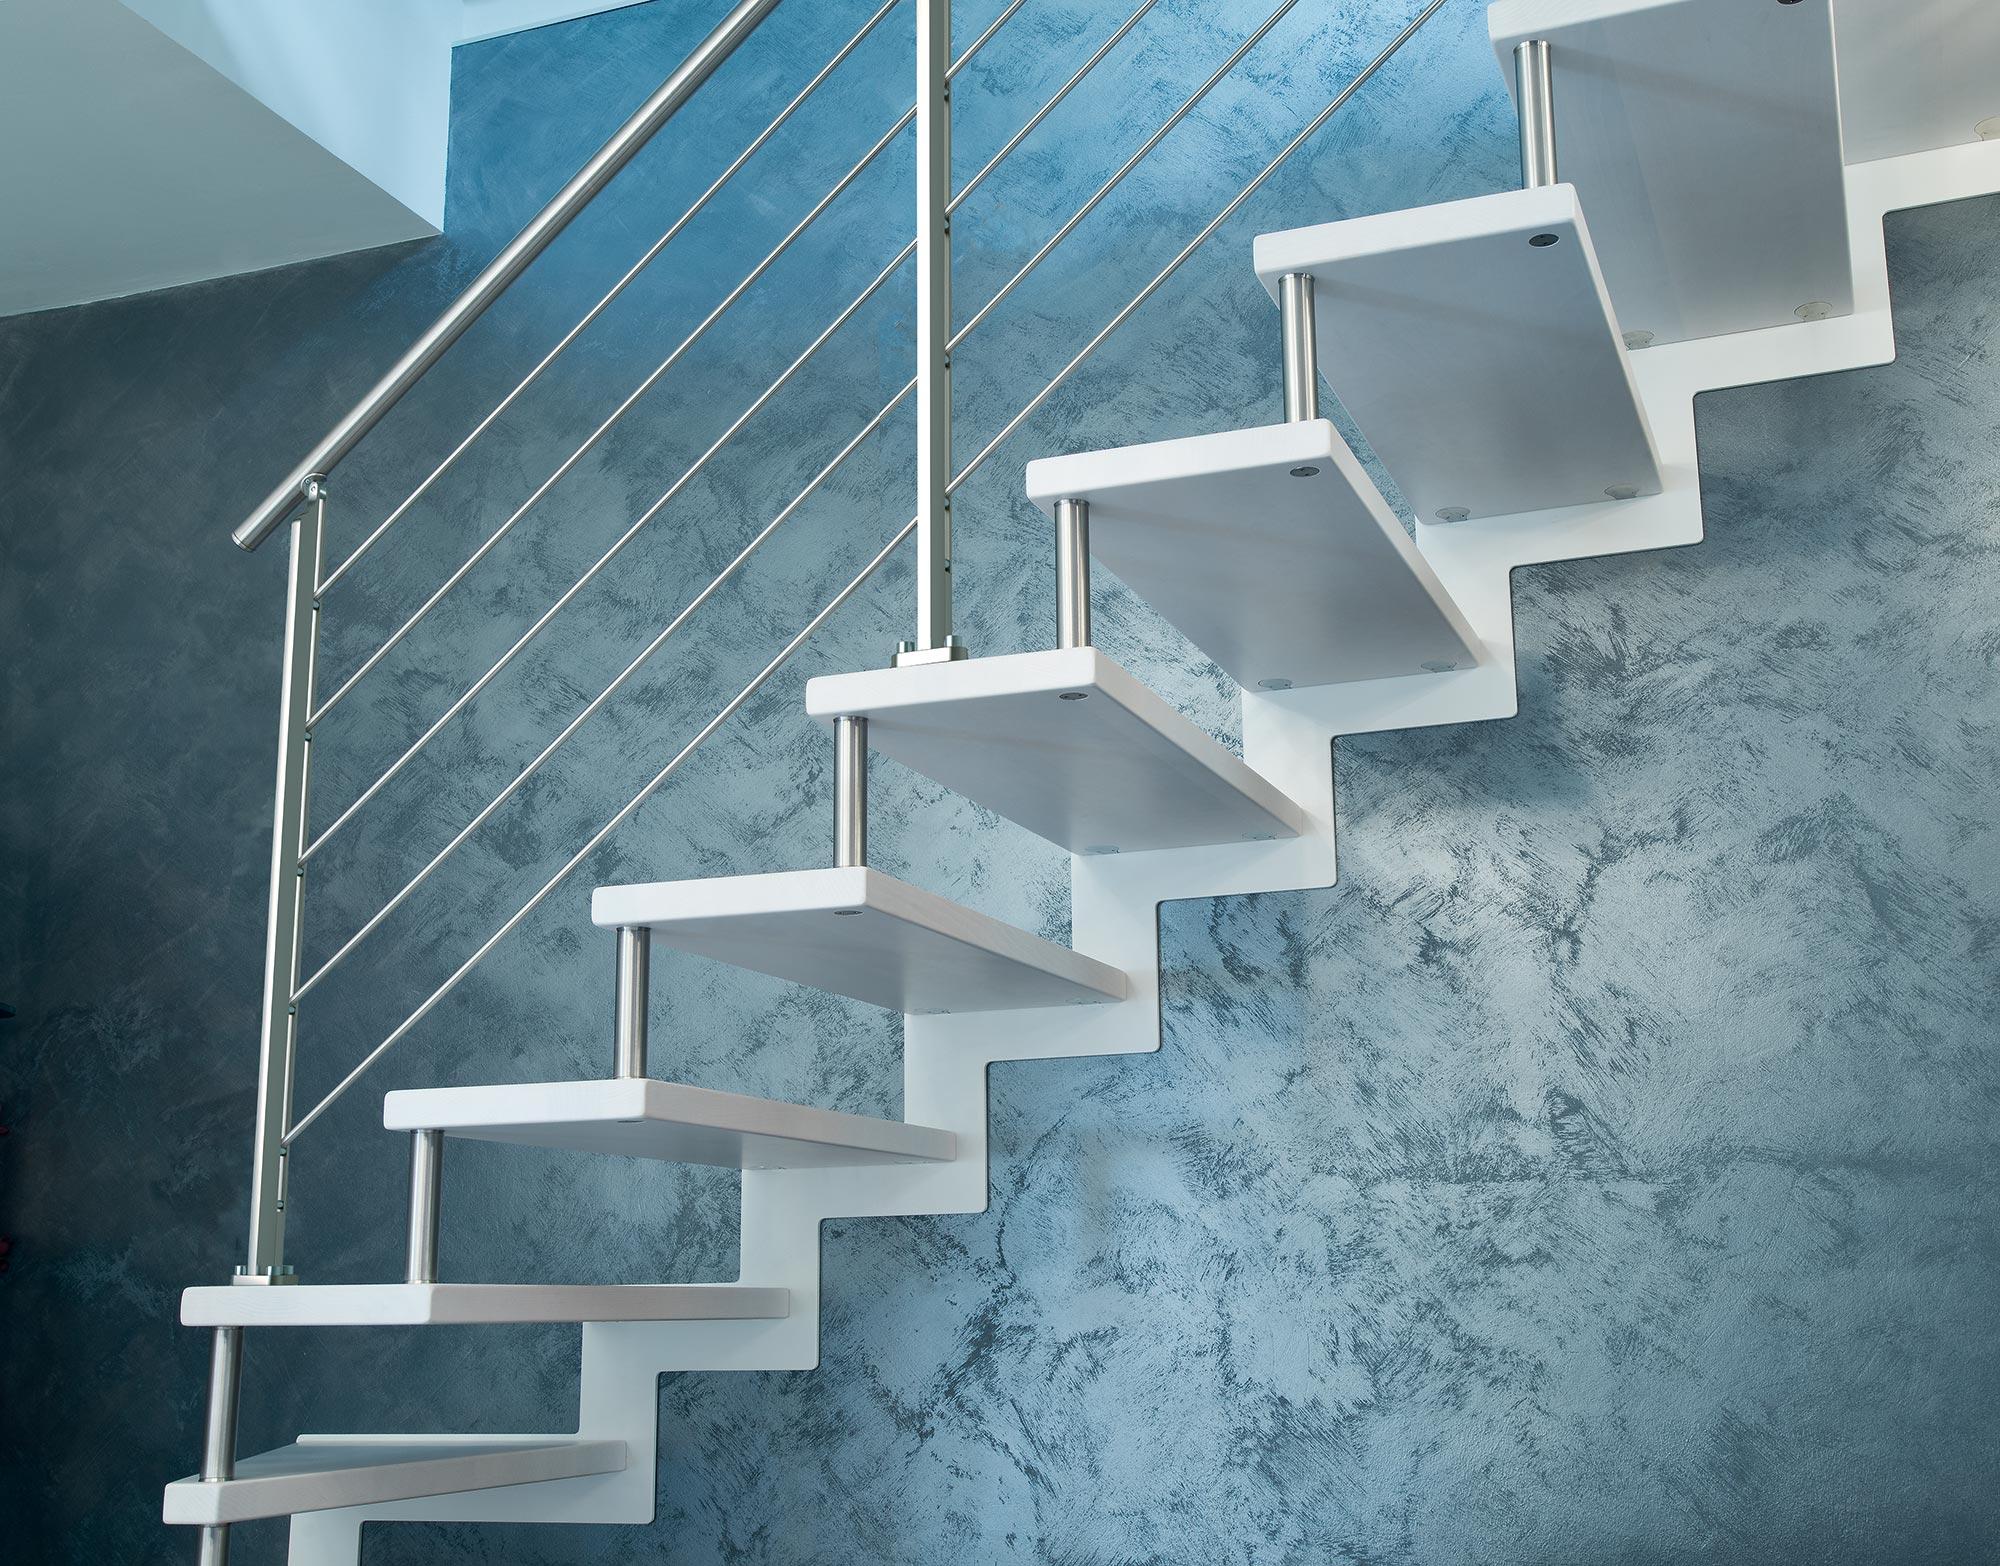 Marretti scale con scalini in faggio finger-joint colore Ral, ringhiera e corrimano in acciaio inox